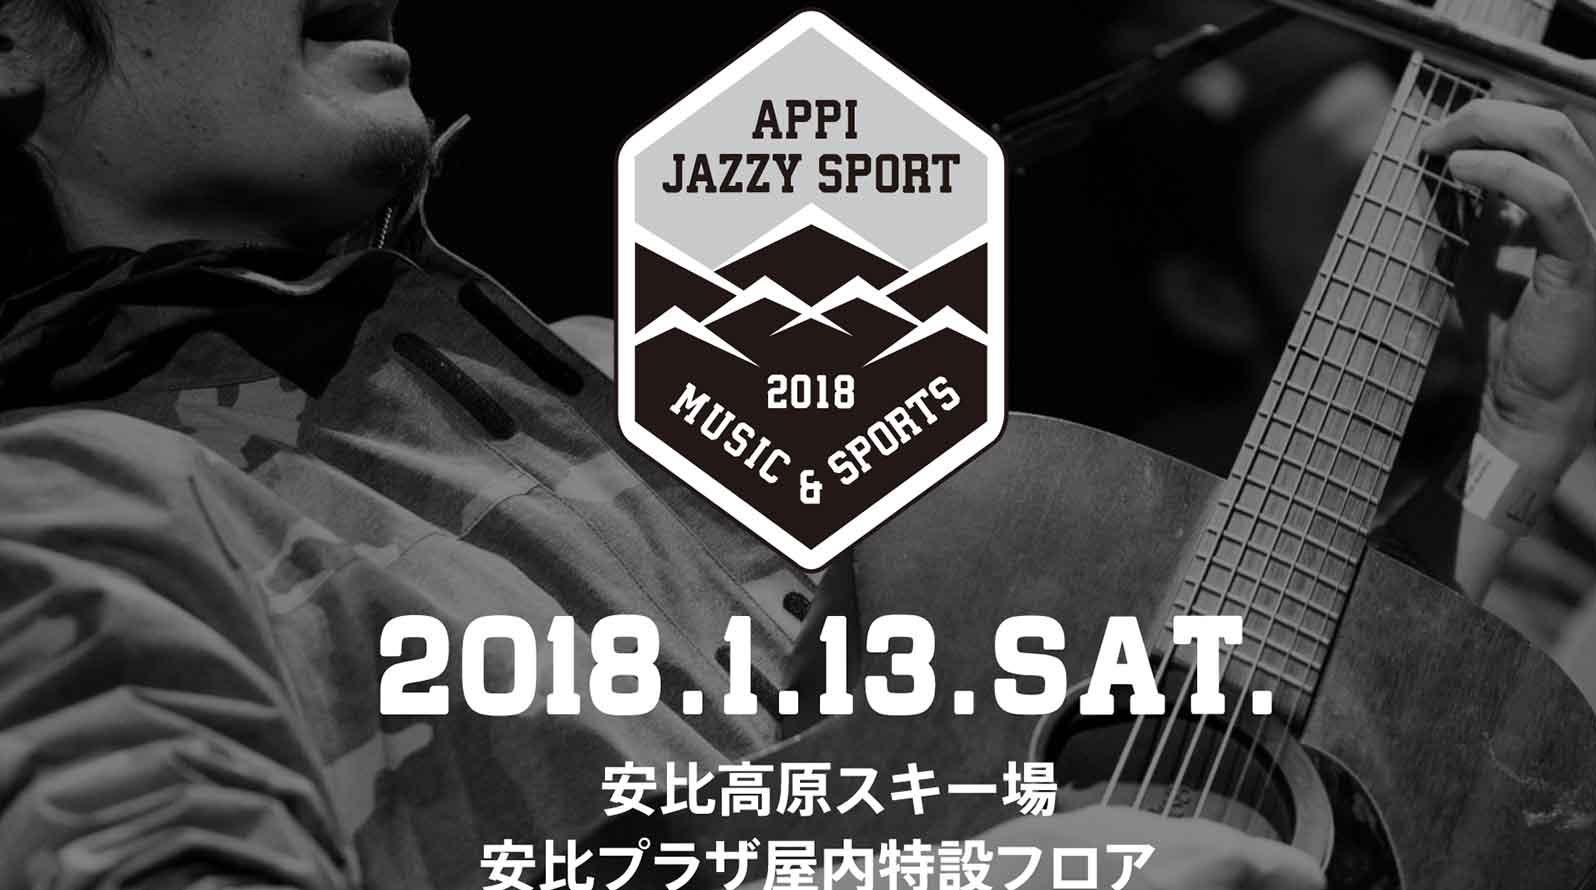 結合音樂與滑雪的APPI JAZZYSPORT明年如期舉行